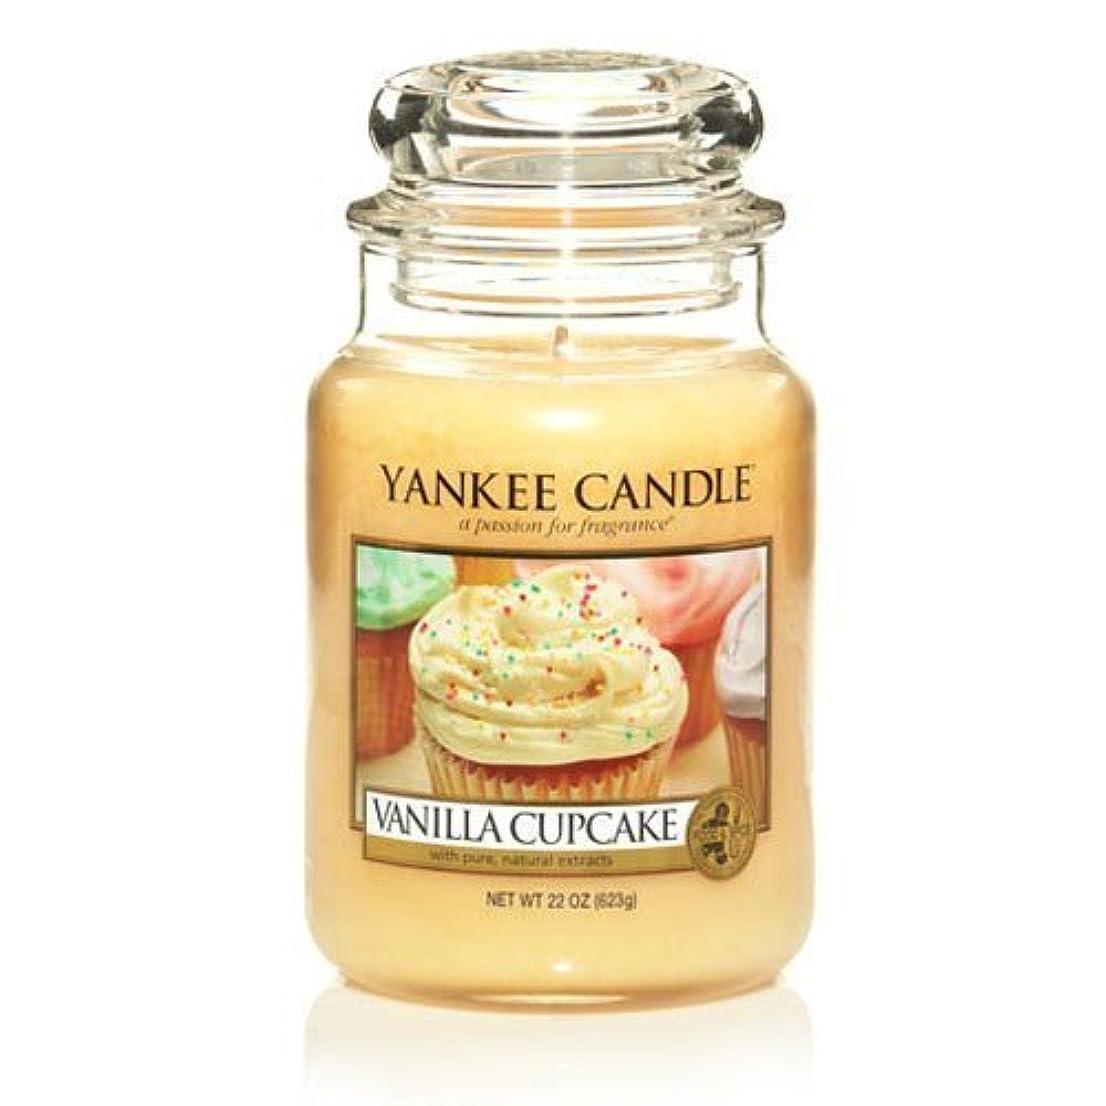 脆いソフトウェアイデオロギーLarge Yankee CAndle Jar Vanilla Cupcake by Yankee Candles [並行輸入品]